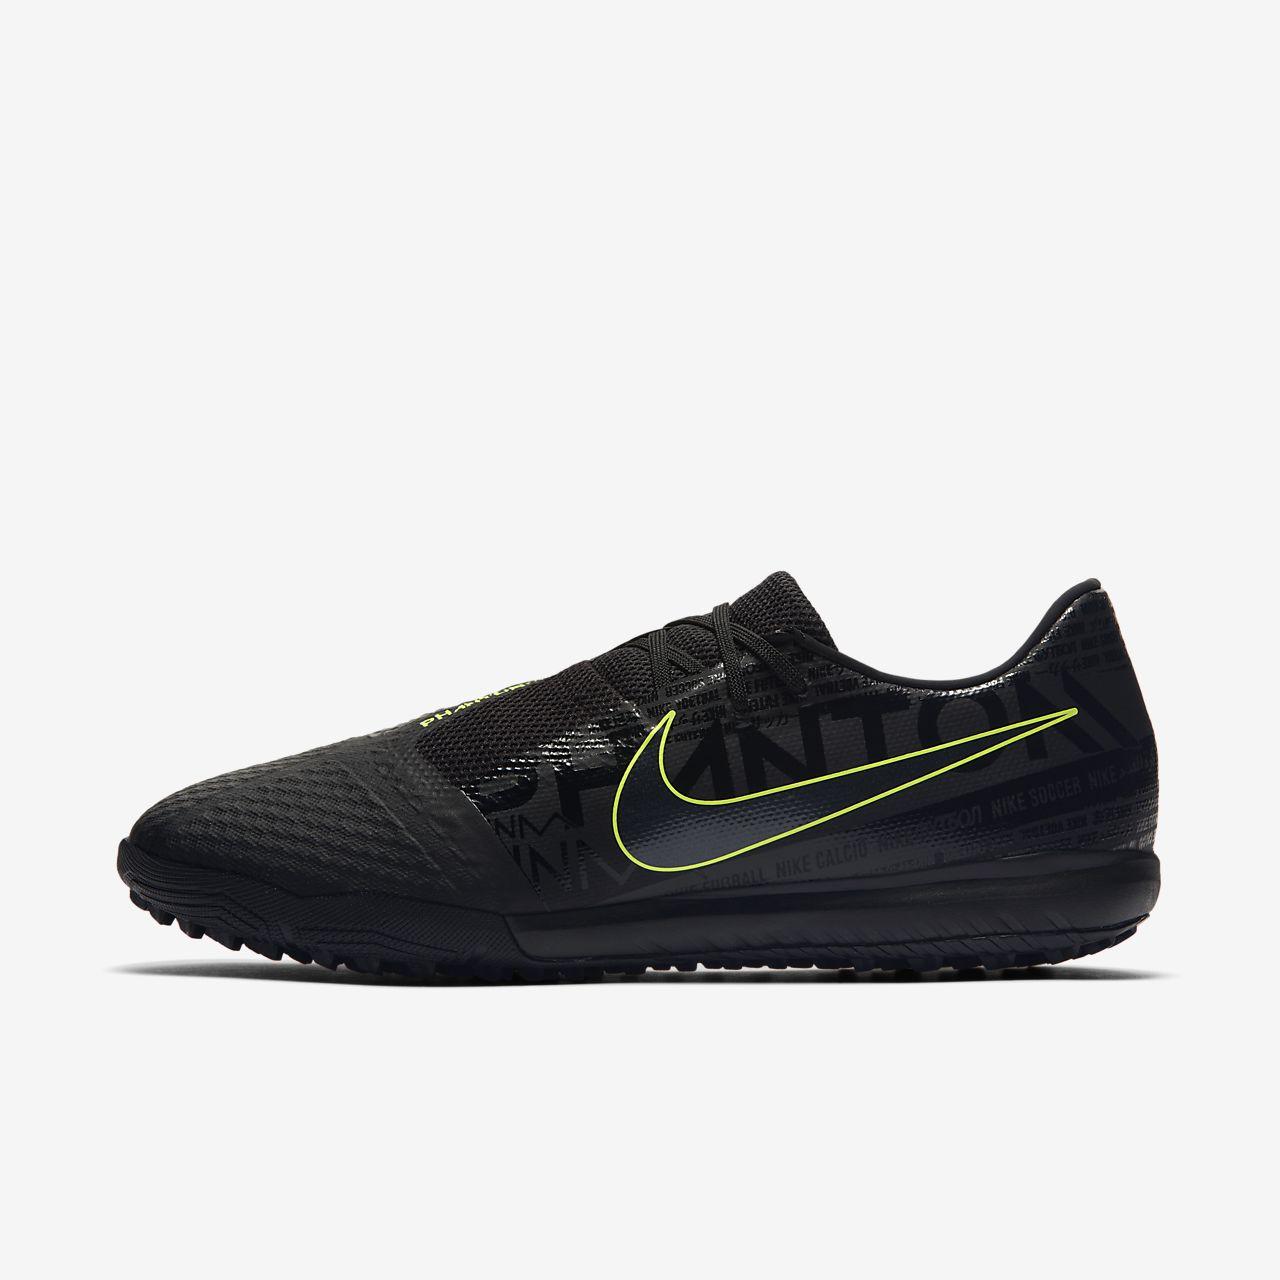 Chaussure de football pour surface synthétique Nike Phantom Venom Academy TF